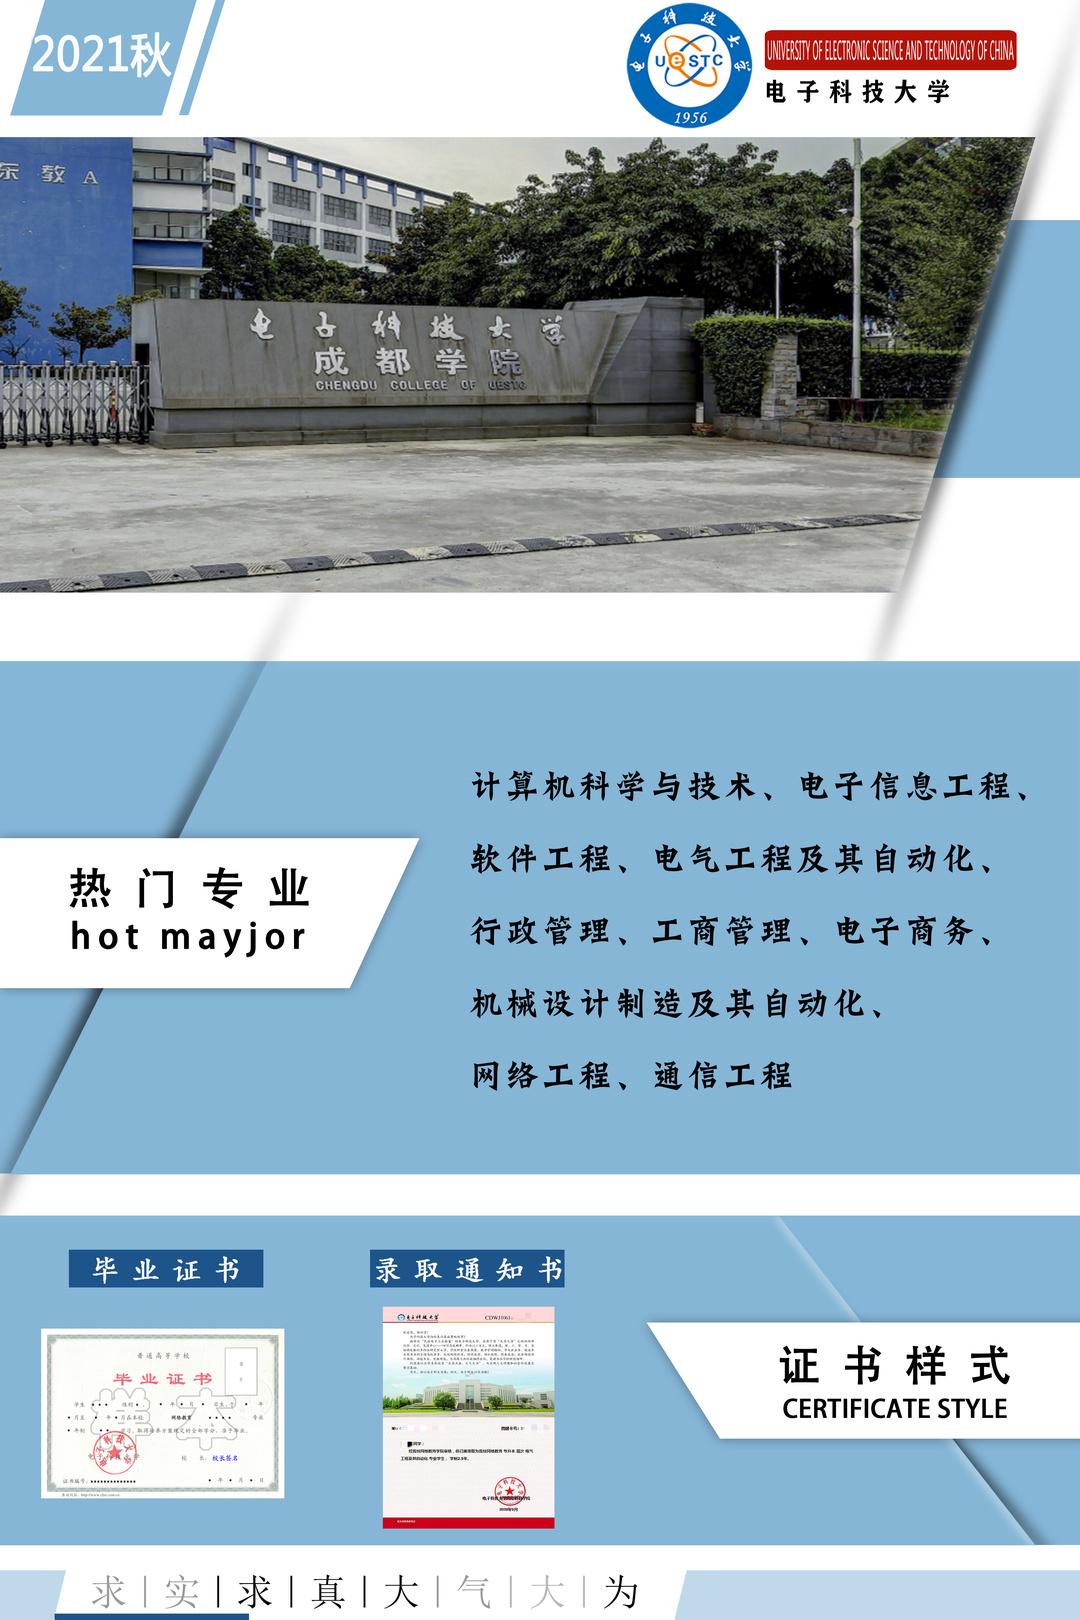 21秋电子科技大学.jpg